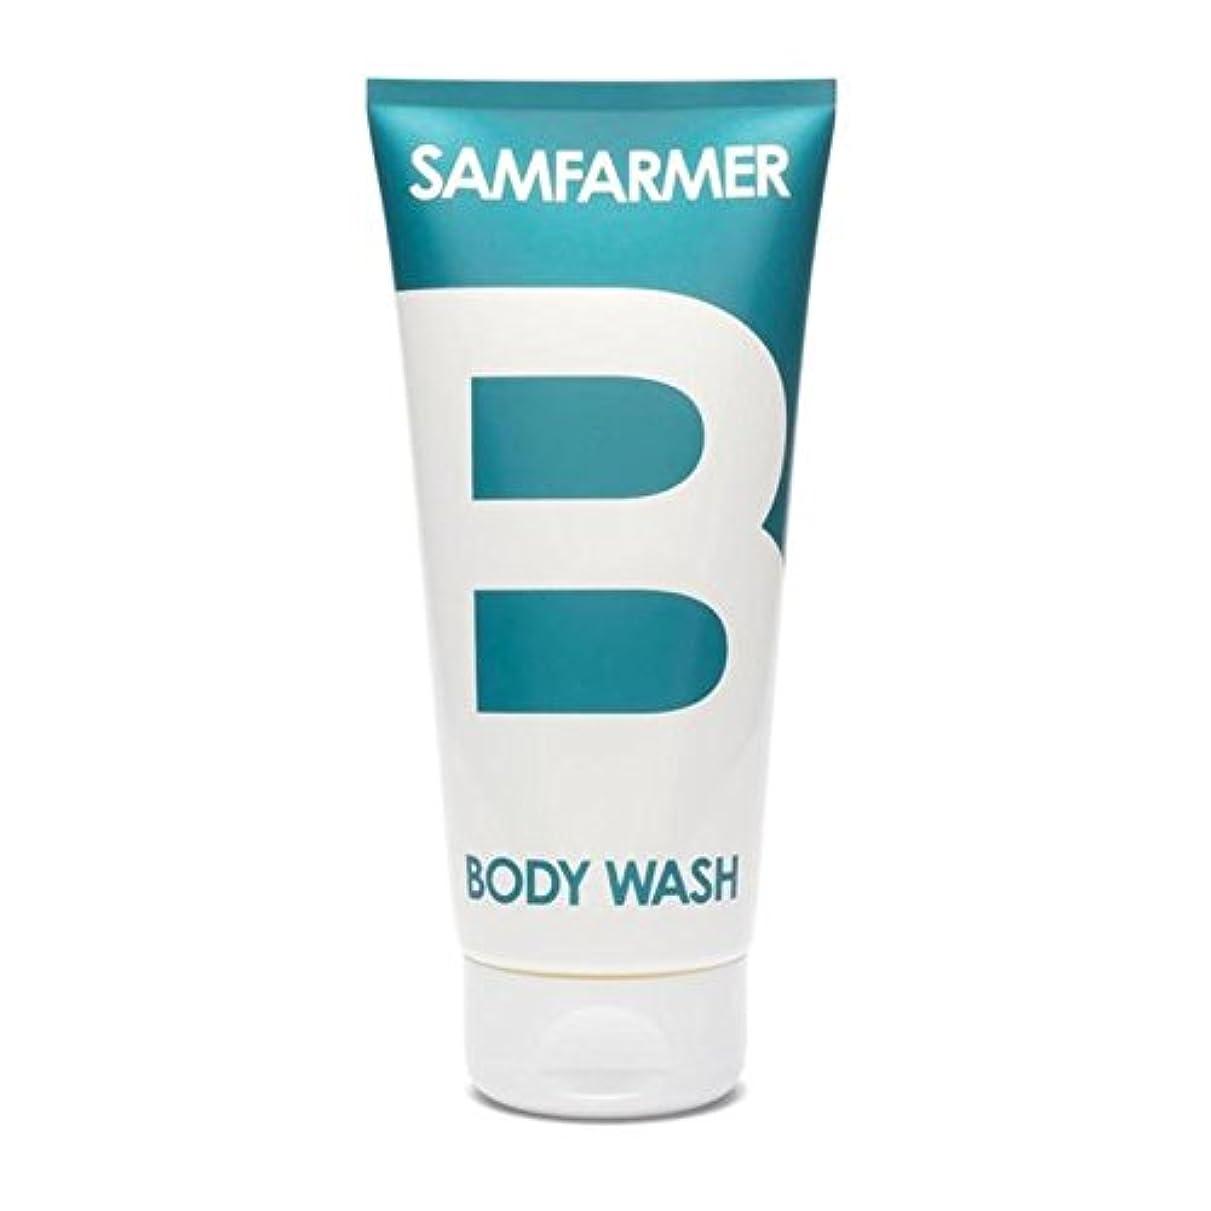 余裕があるマラドロイトファンネルウェブスパイダーユニセックスボディウォッシュ200ミリリットル x4 - SAMFARMER Unisex Body Wash 200ml (Pack of 4) [並行輸入品]